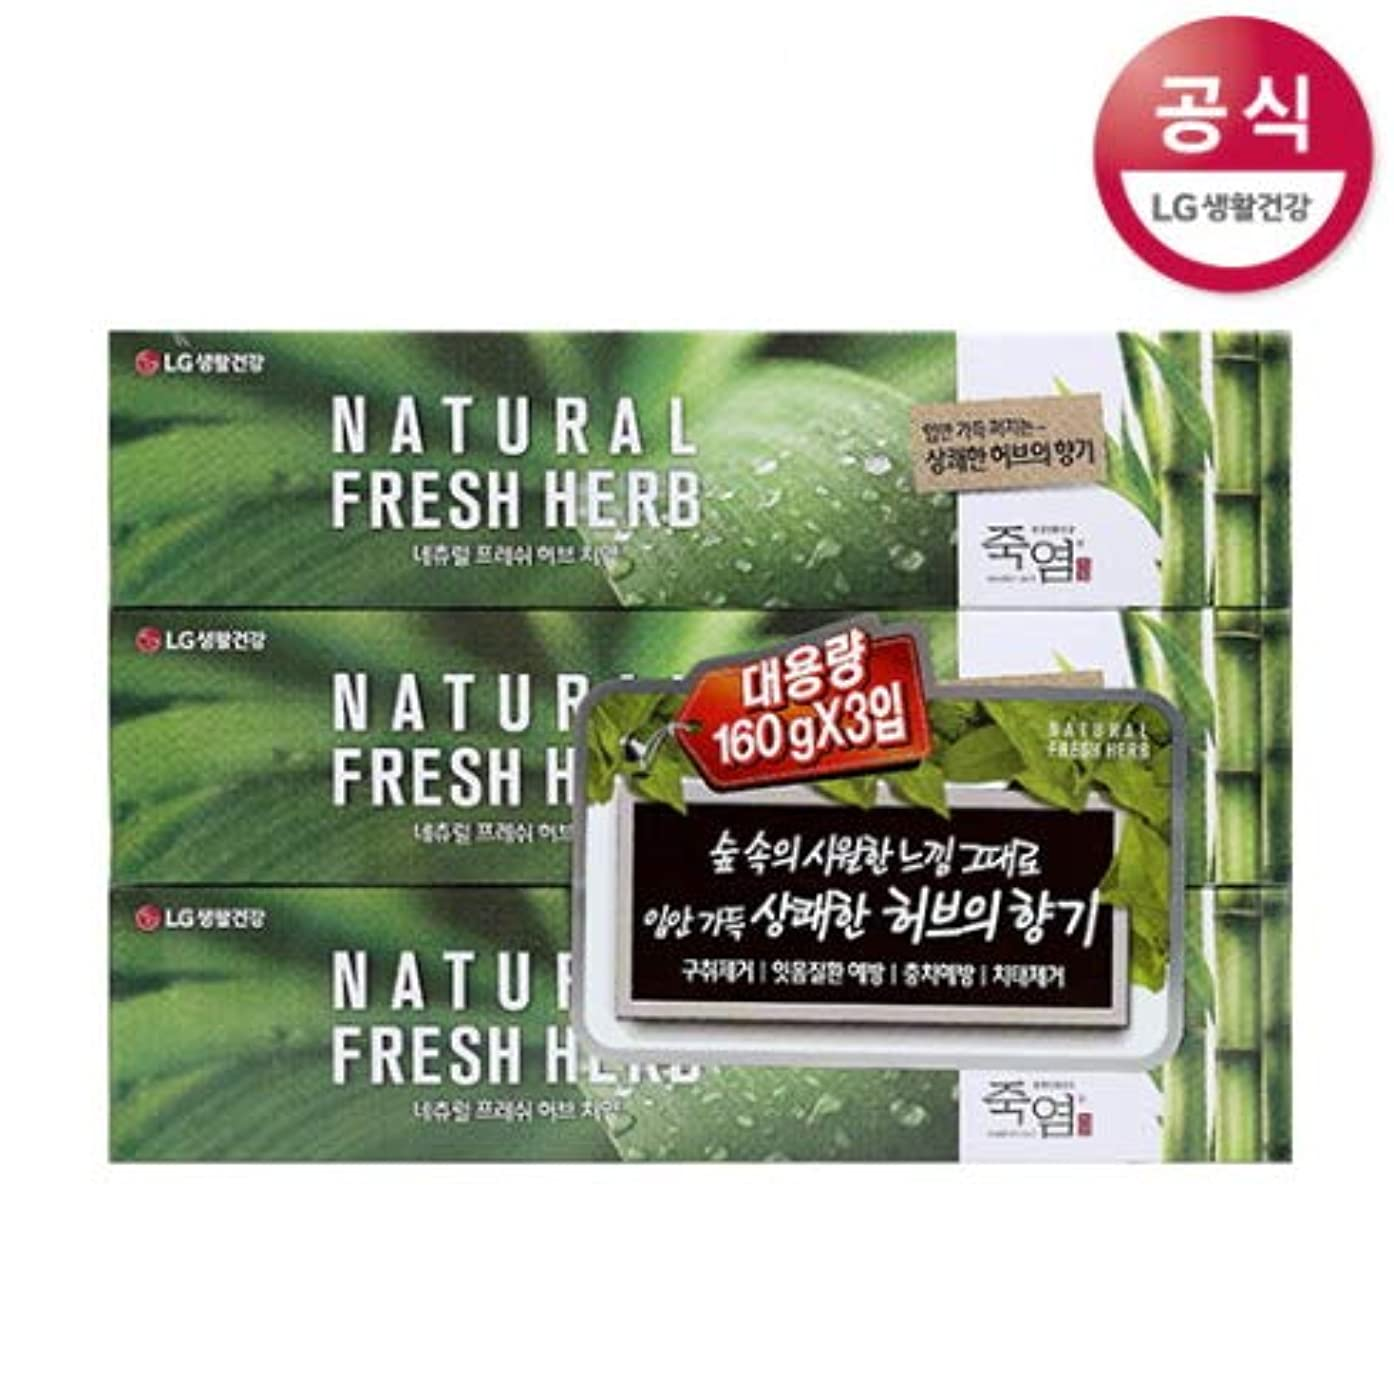 果てしないおかしいコンソール[LG HnB] Bamboo Salt Natural Fresh Herbal Toothpaste/竹塩ナチュラルフレッシュハーブ歯磨き粉 160gx3個(海外直送品)